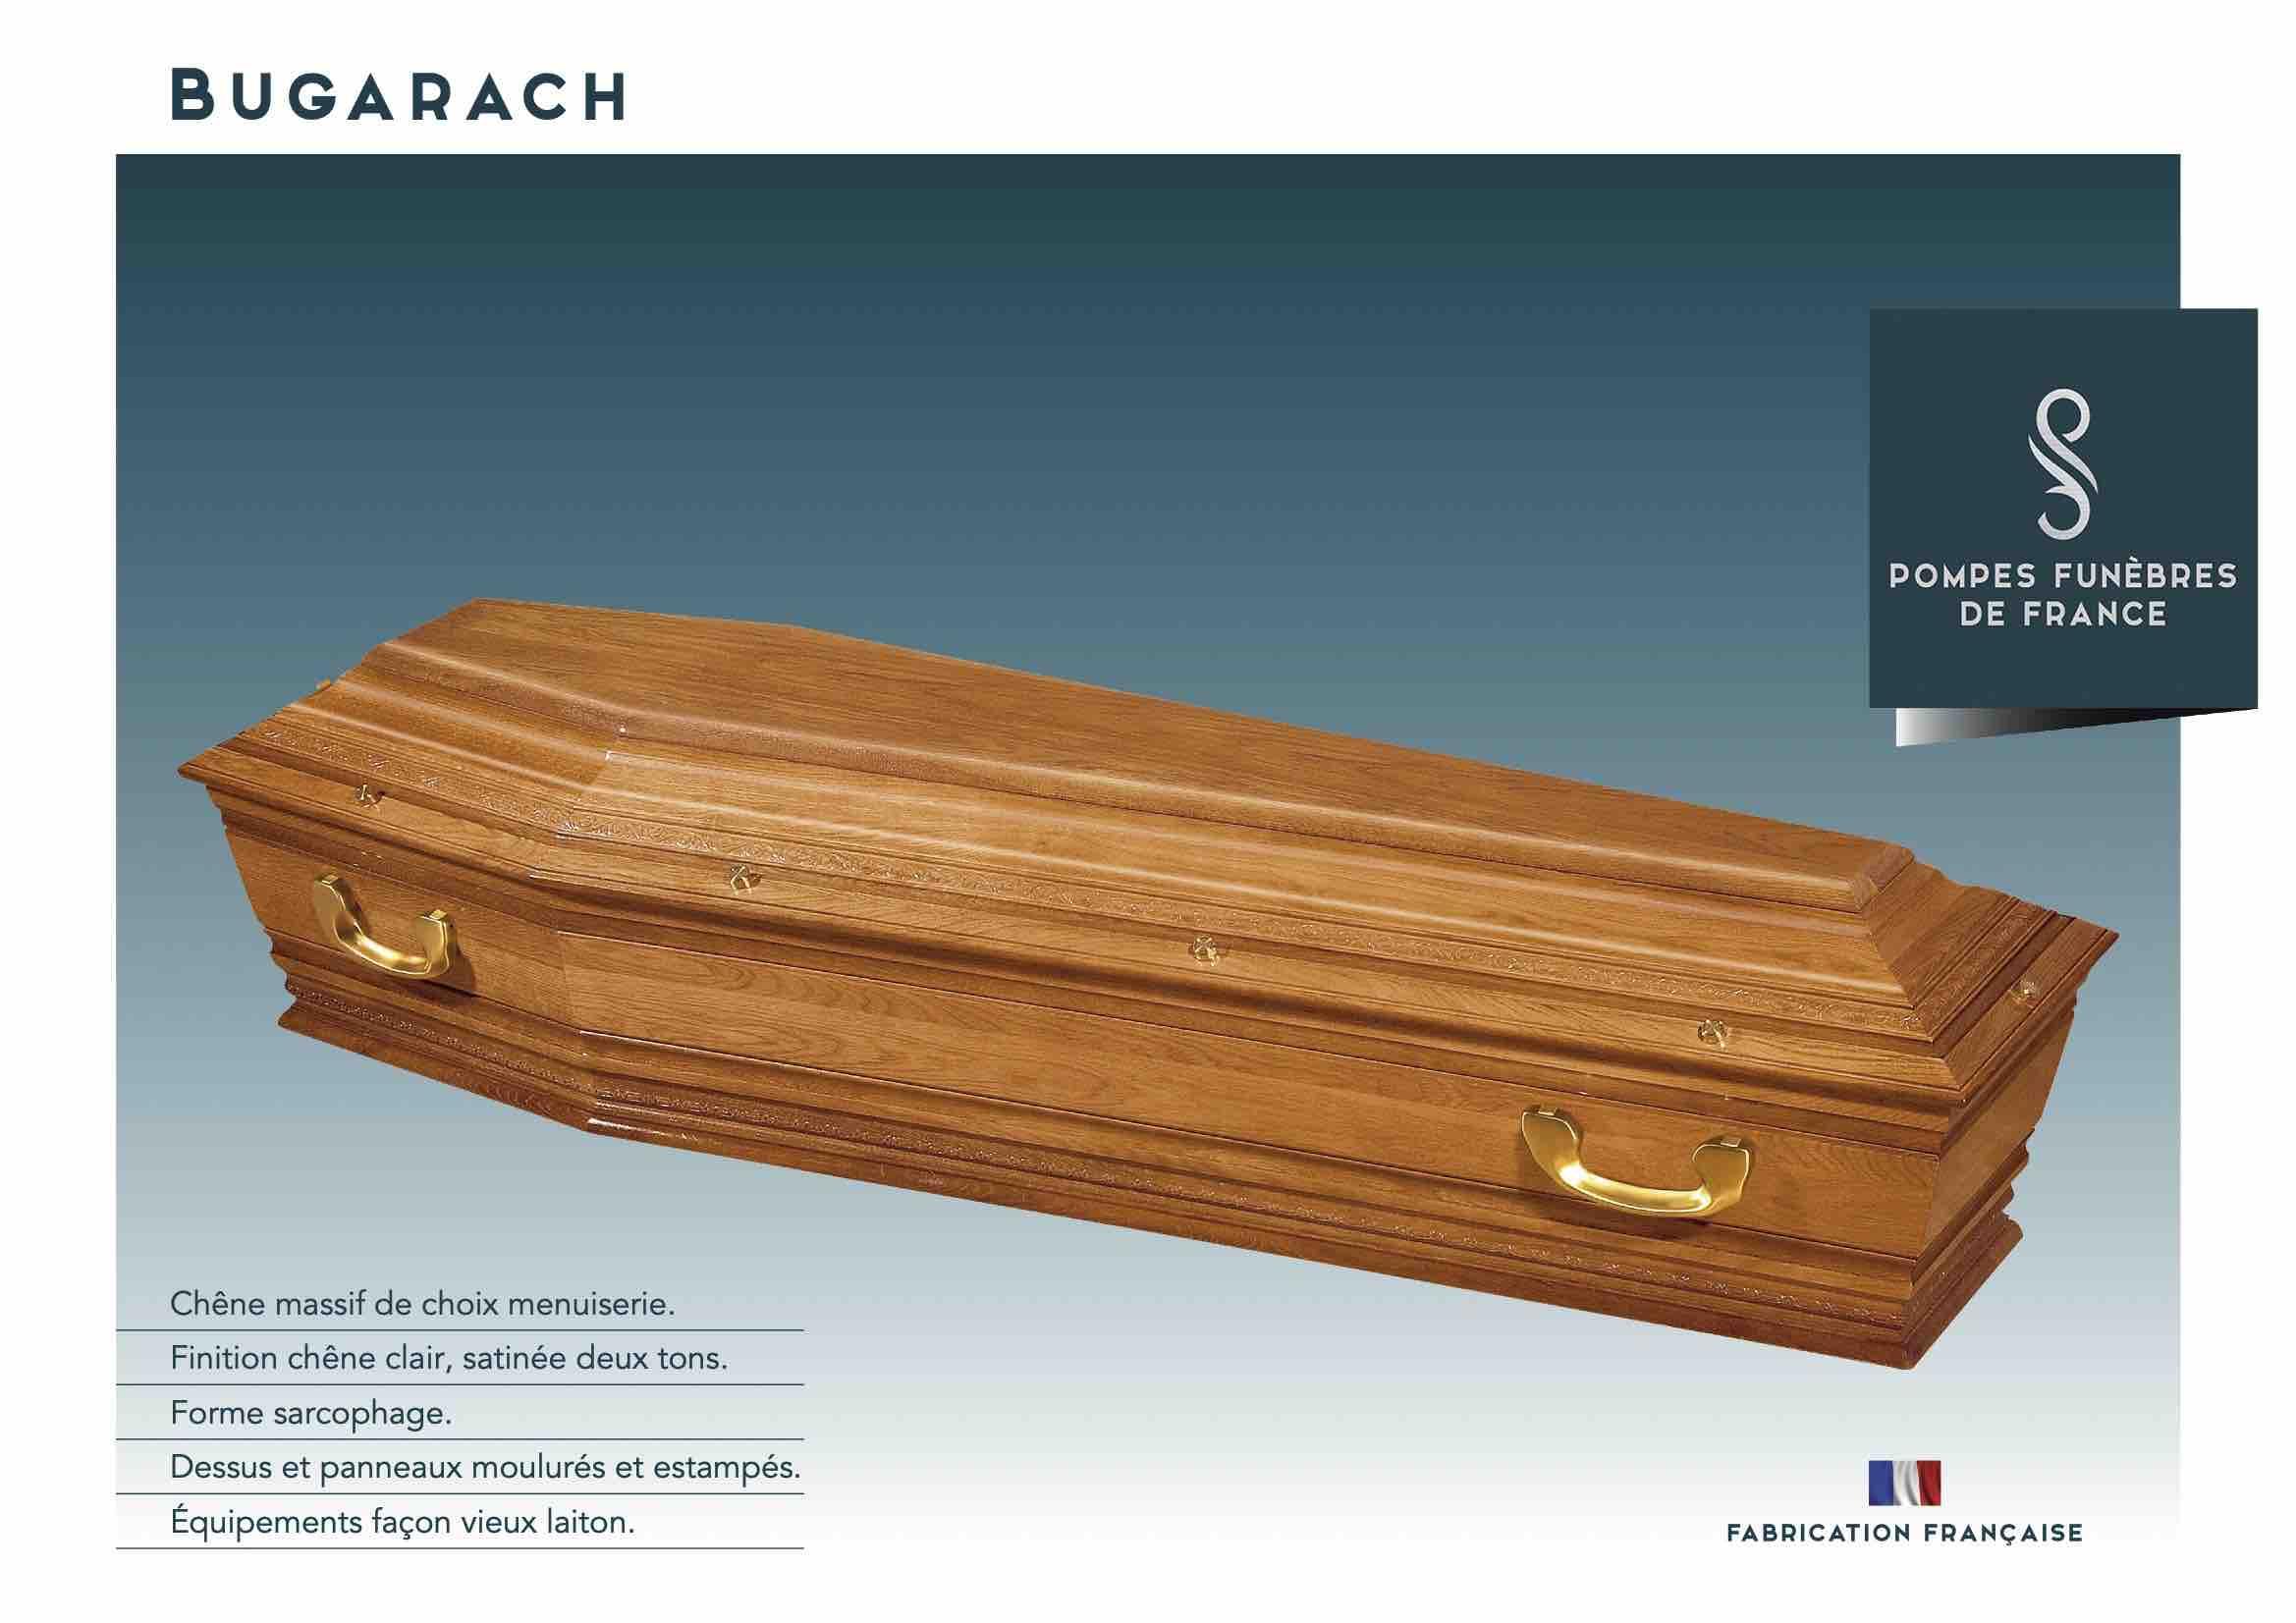 Cercueil Bugarach